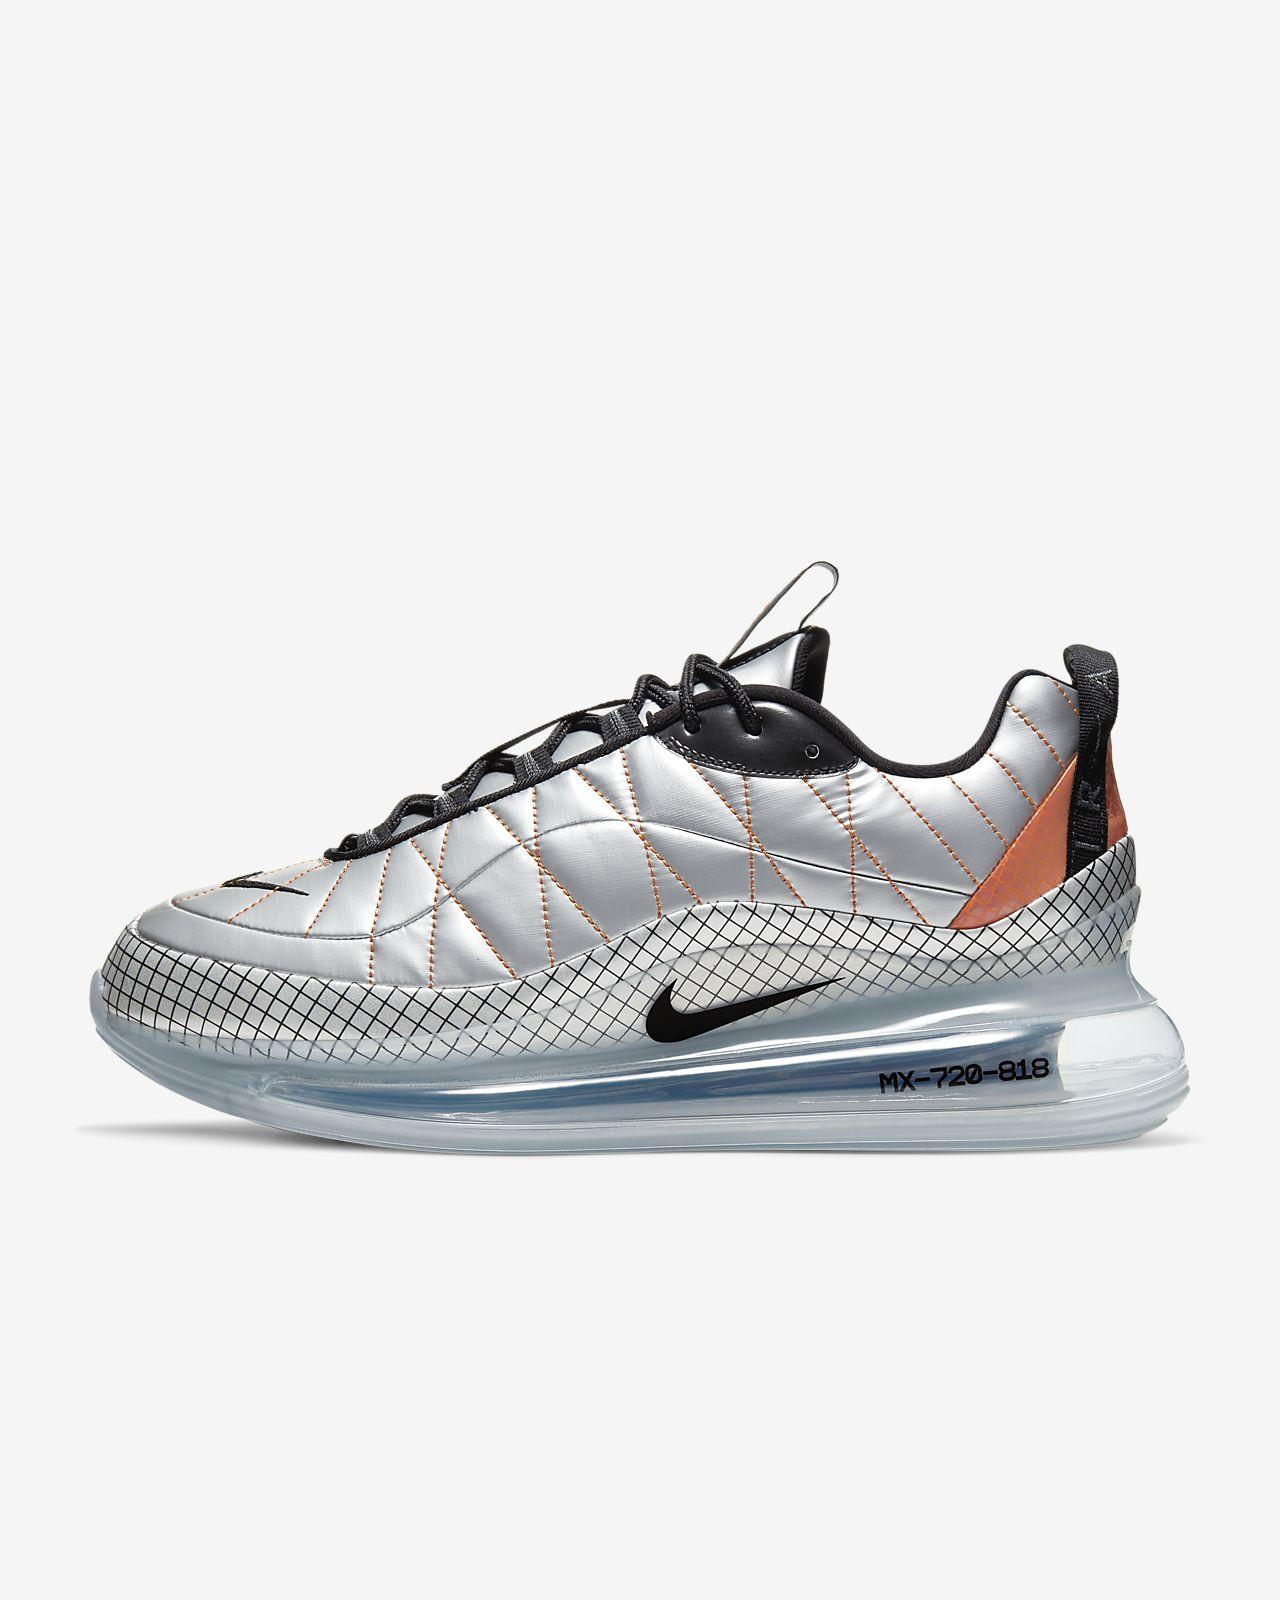 Sko Nike MX-720-818 för män